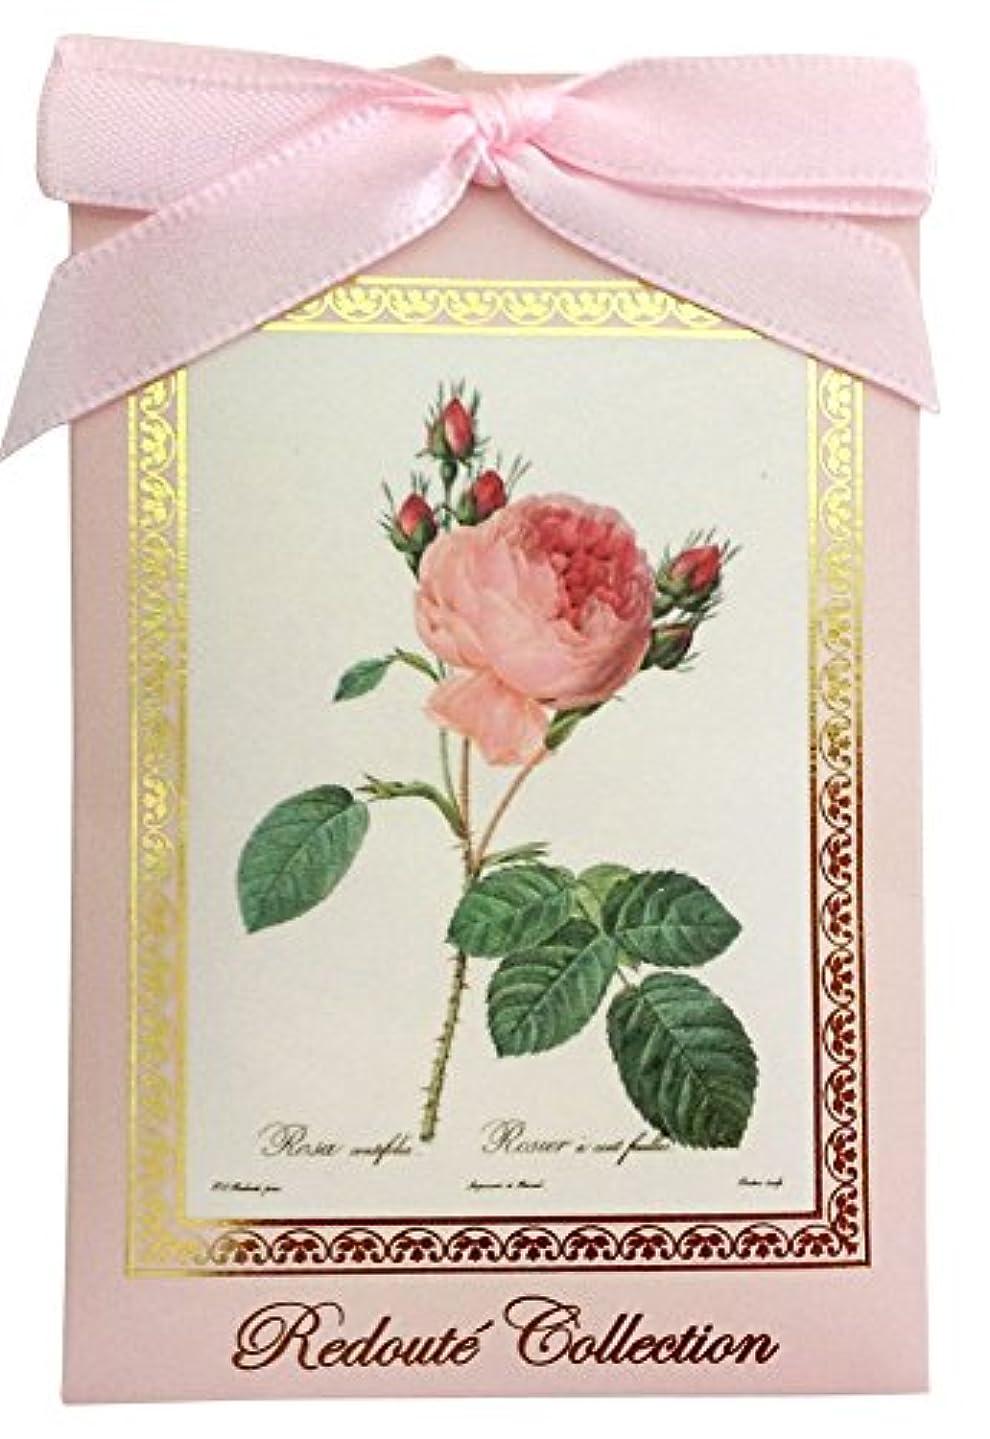 例示するモード浸漬カメヤマキャンドルハウス ルドゥーテ サシェ スイートローズの香り 芳香期間約1ヶ月